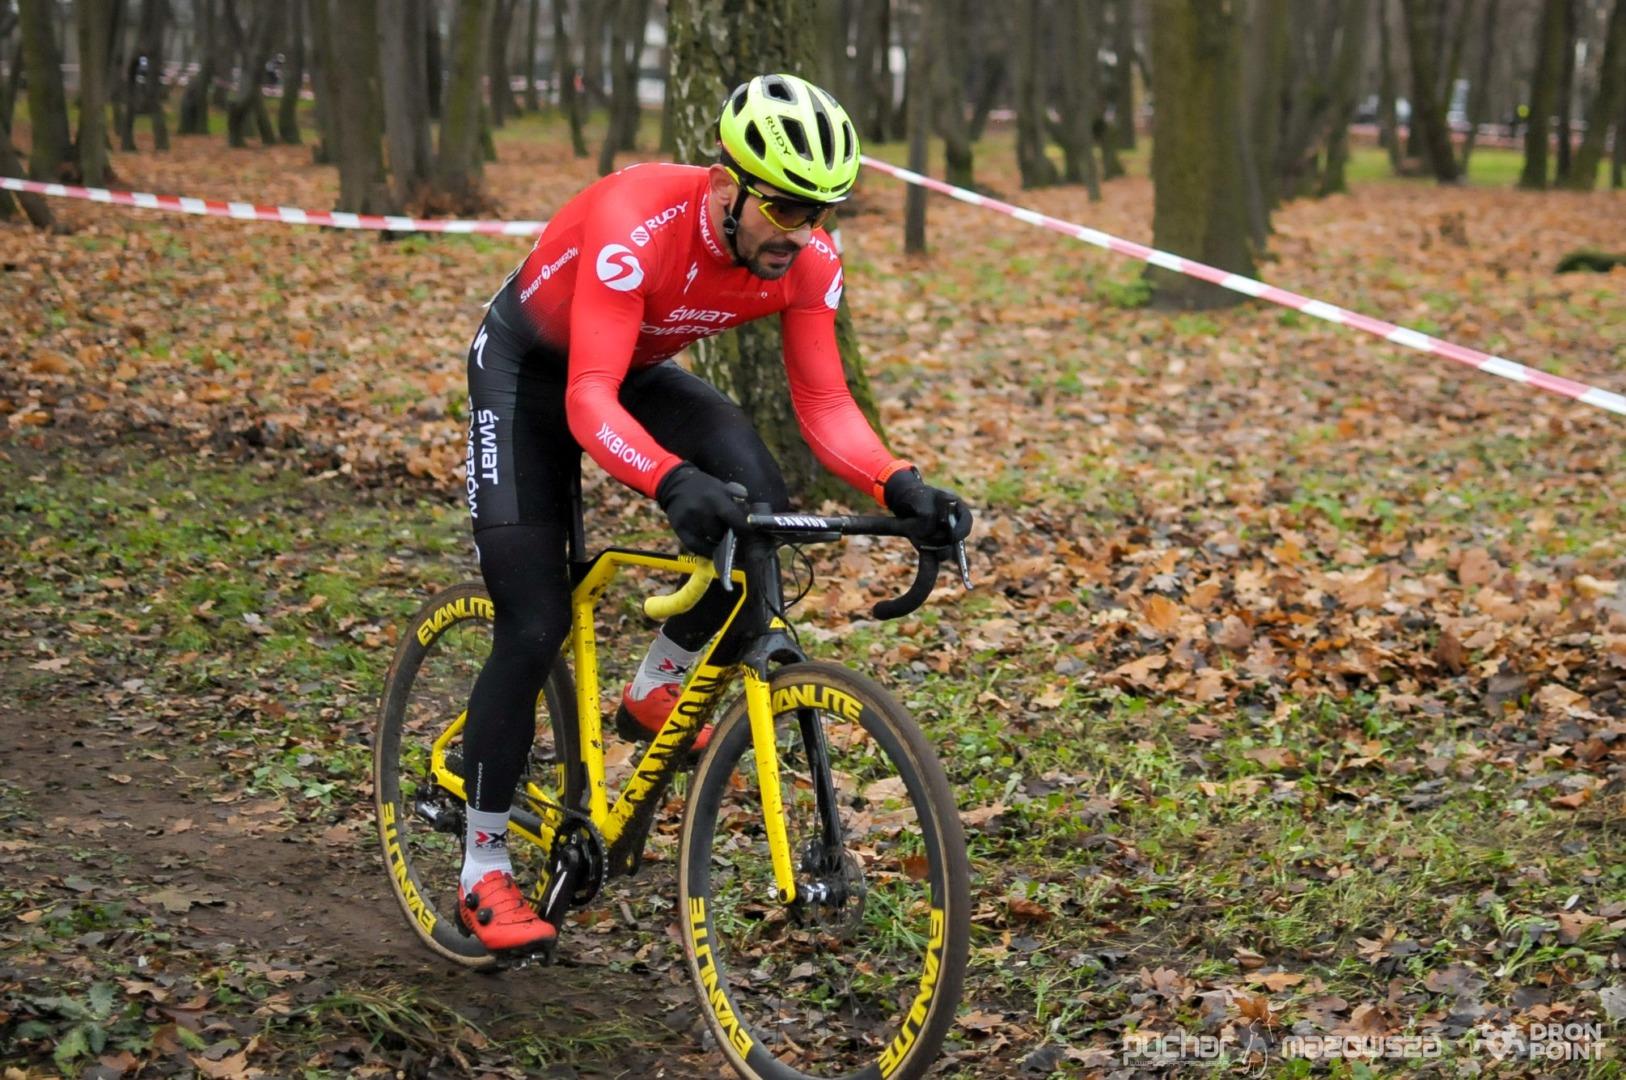 Arkadiusz Jusiński (Świat Rowerów Team) – Puchar Polski CX, Toruń / Mistrzostwa Warszawy CX